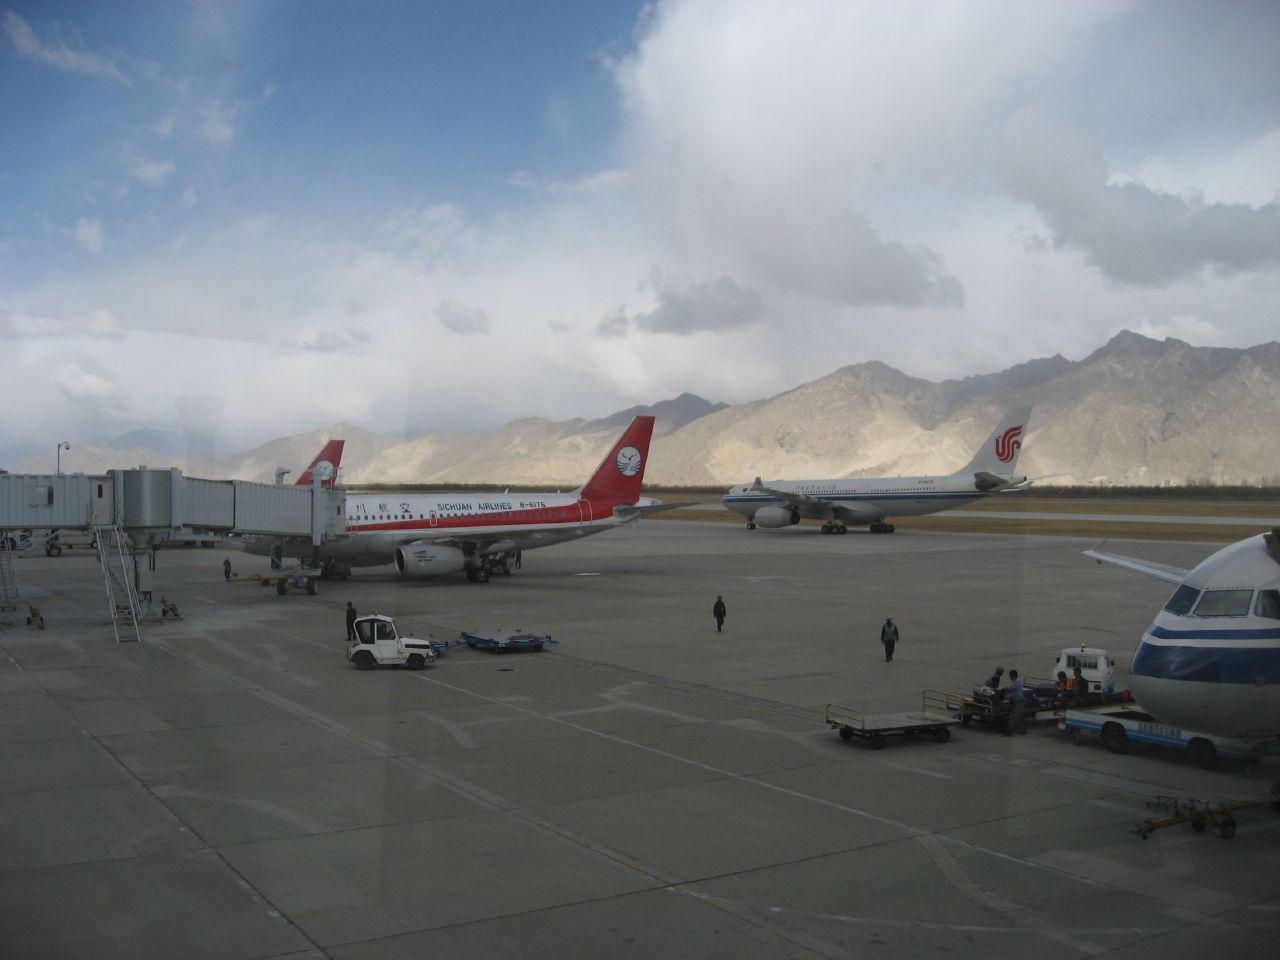 3,500 meters above sea level - Lhasa Gonggar Airport